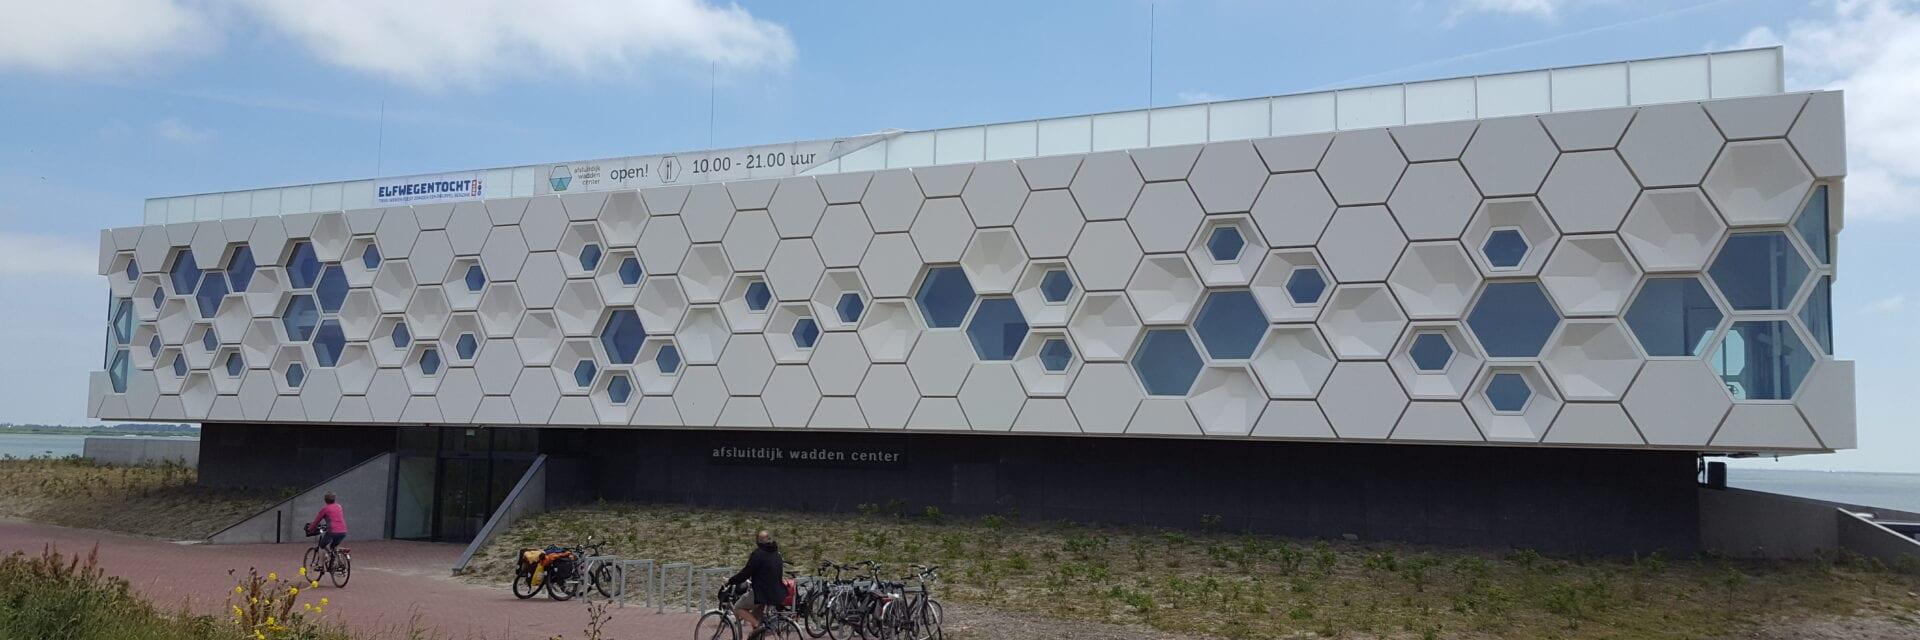 Het Afsluitdijk Wadden Center. We zien de voorkant van het museum. Dit is een wit gebouw met zeshoekige stenen en ramen. Voor zie je een fietspad met twee fietsers.